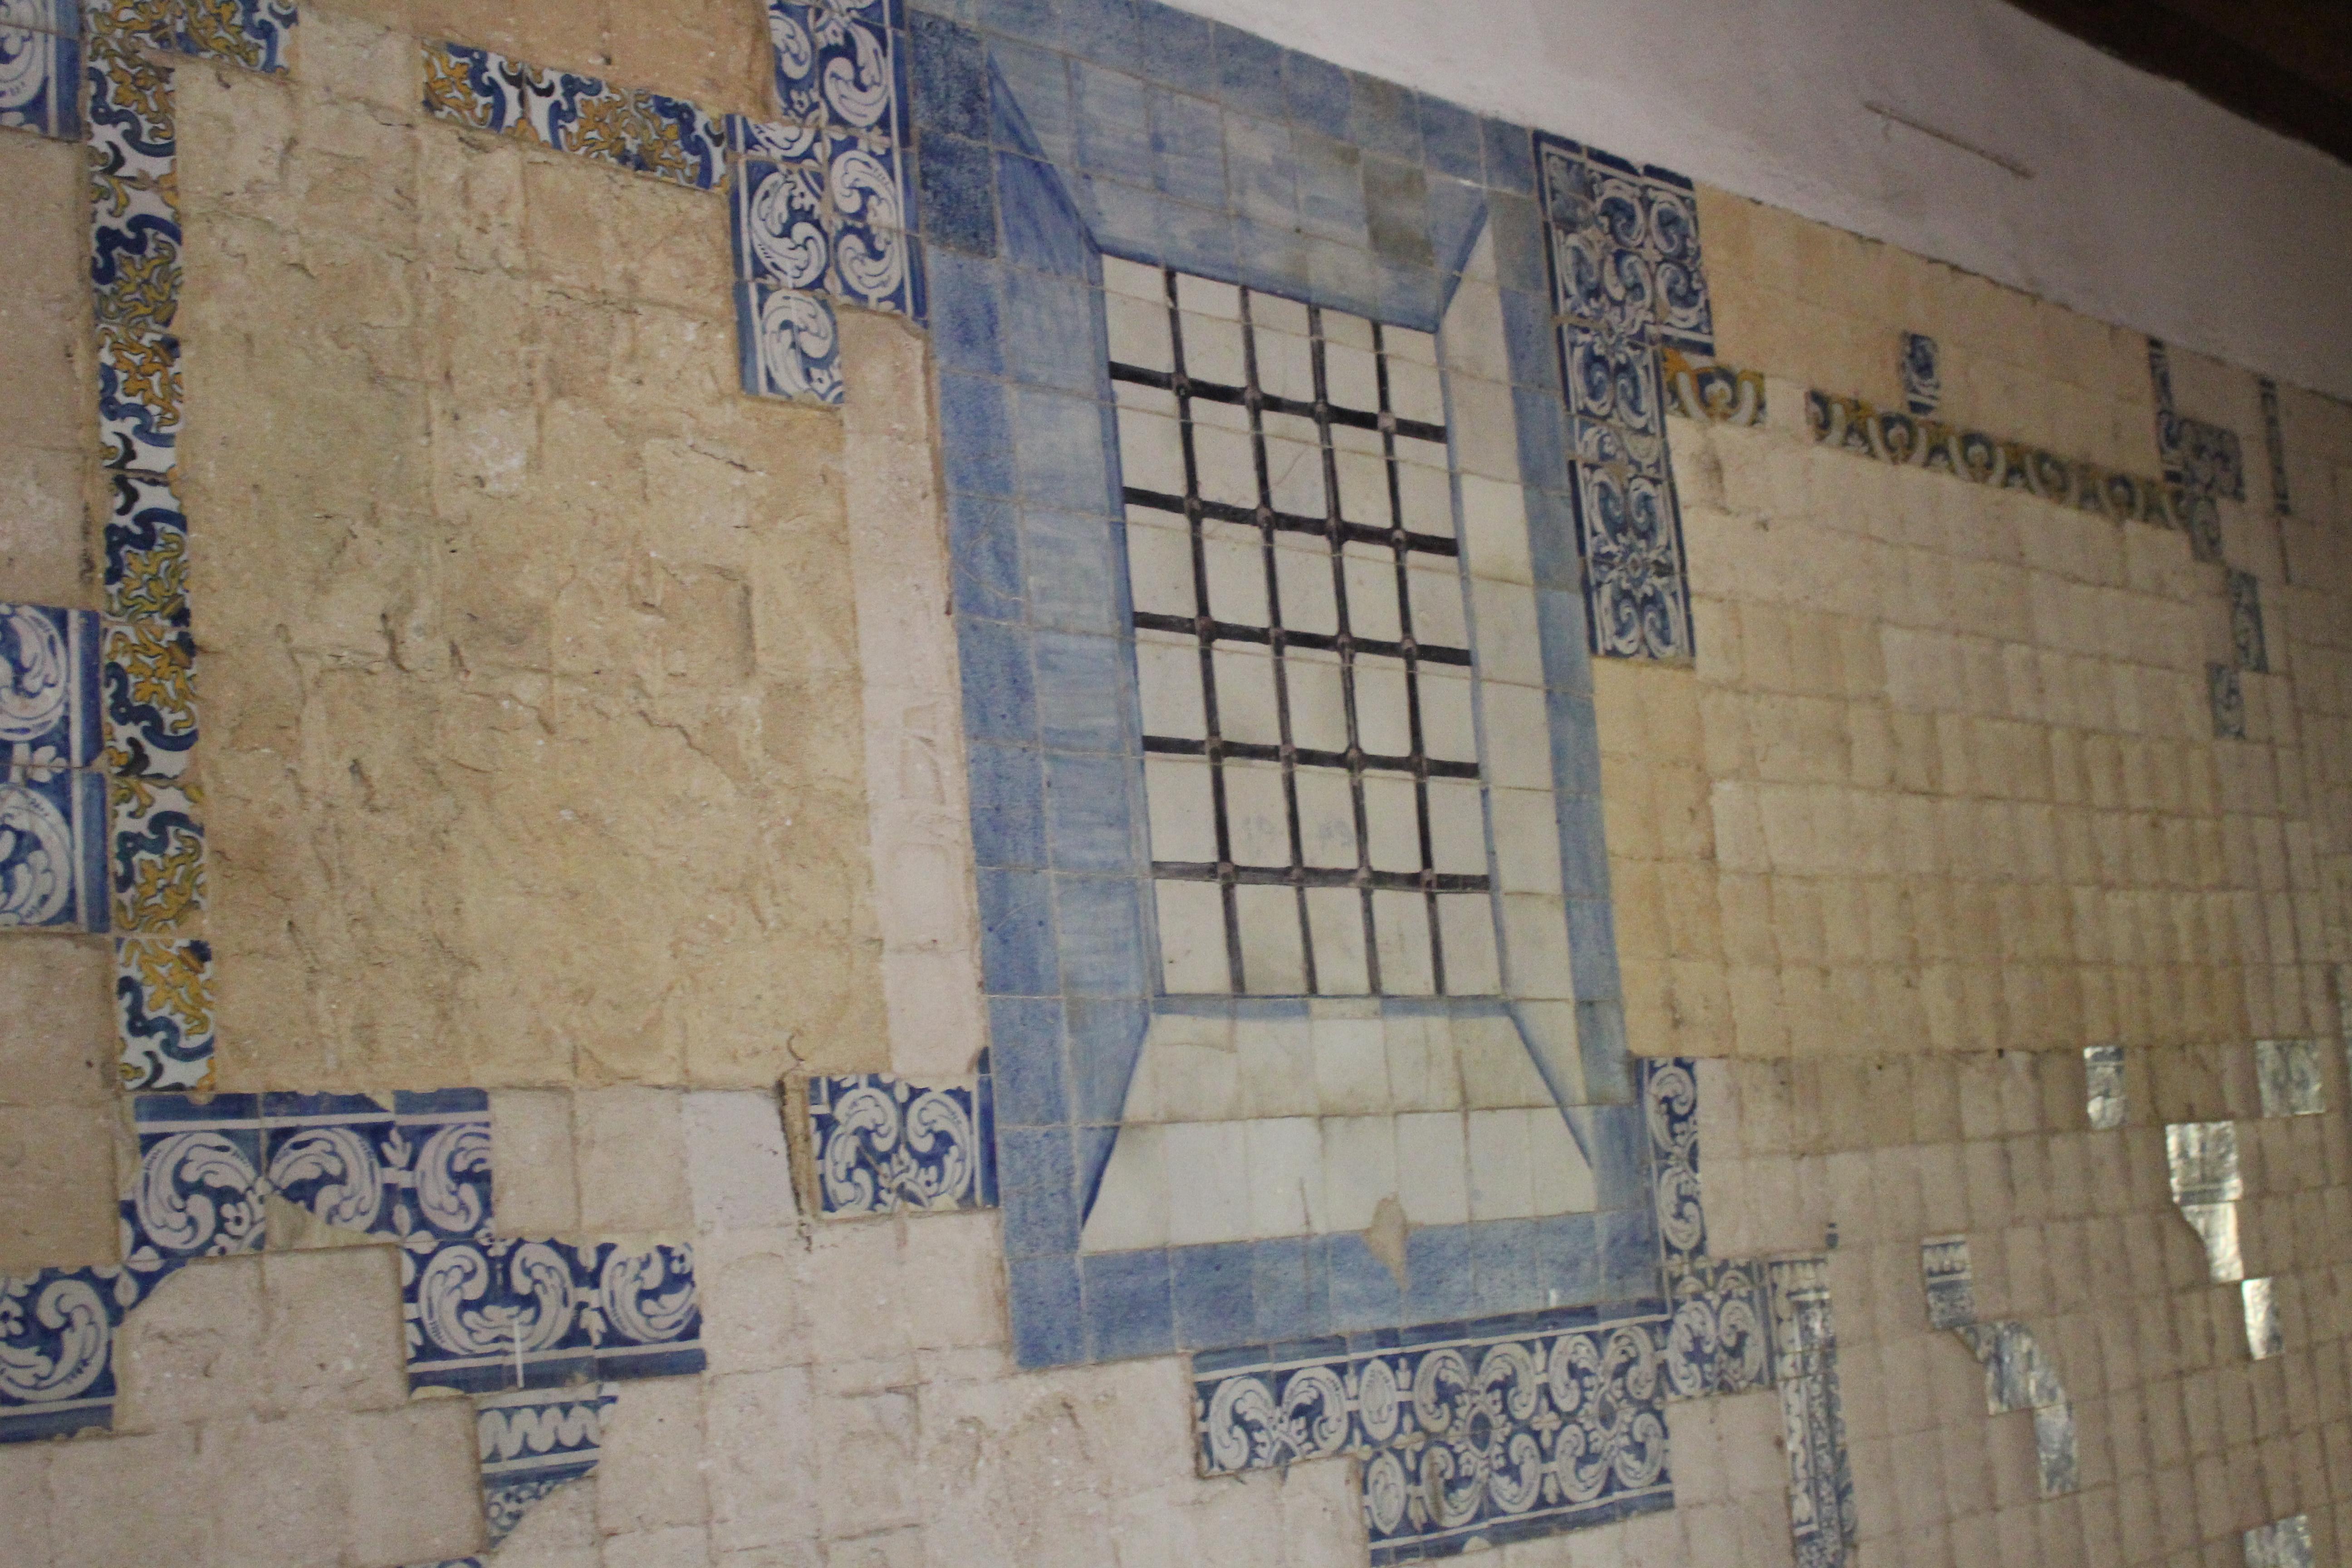 Convento dos Mártires e da Conceição Sacavém - Rui Pinheiro